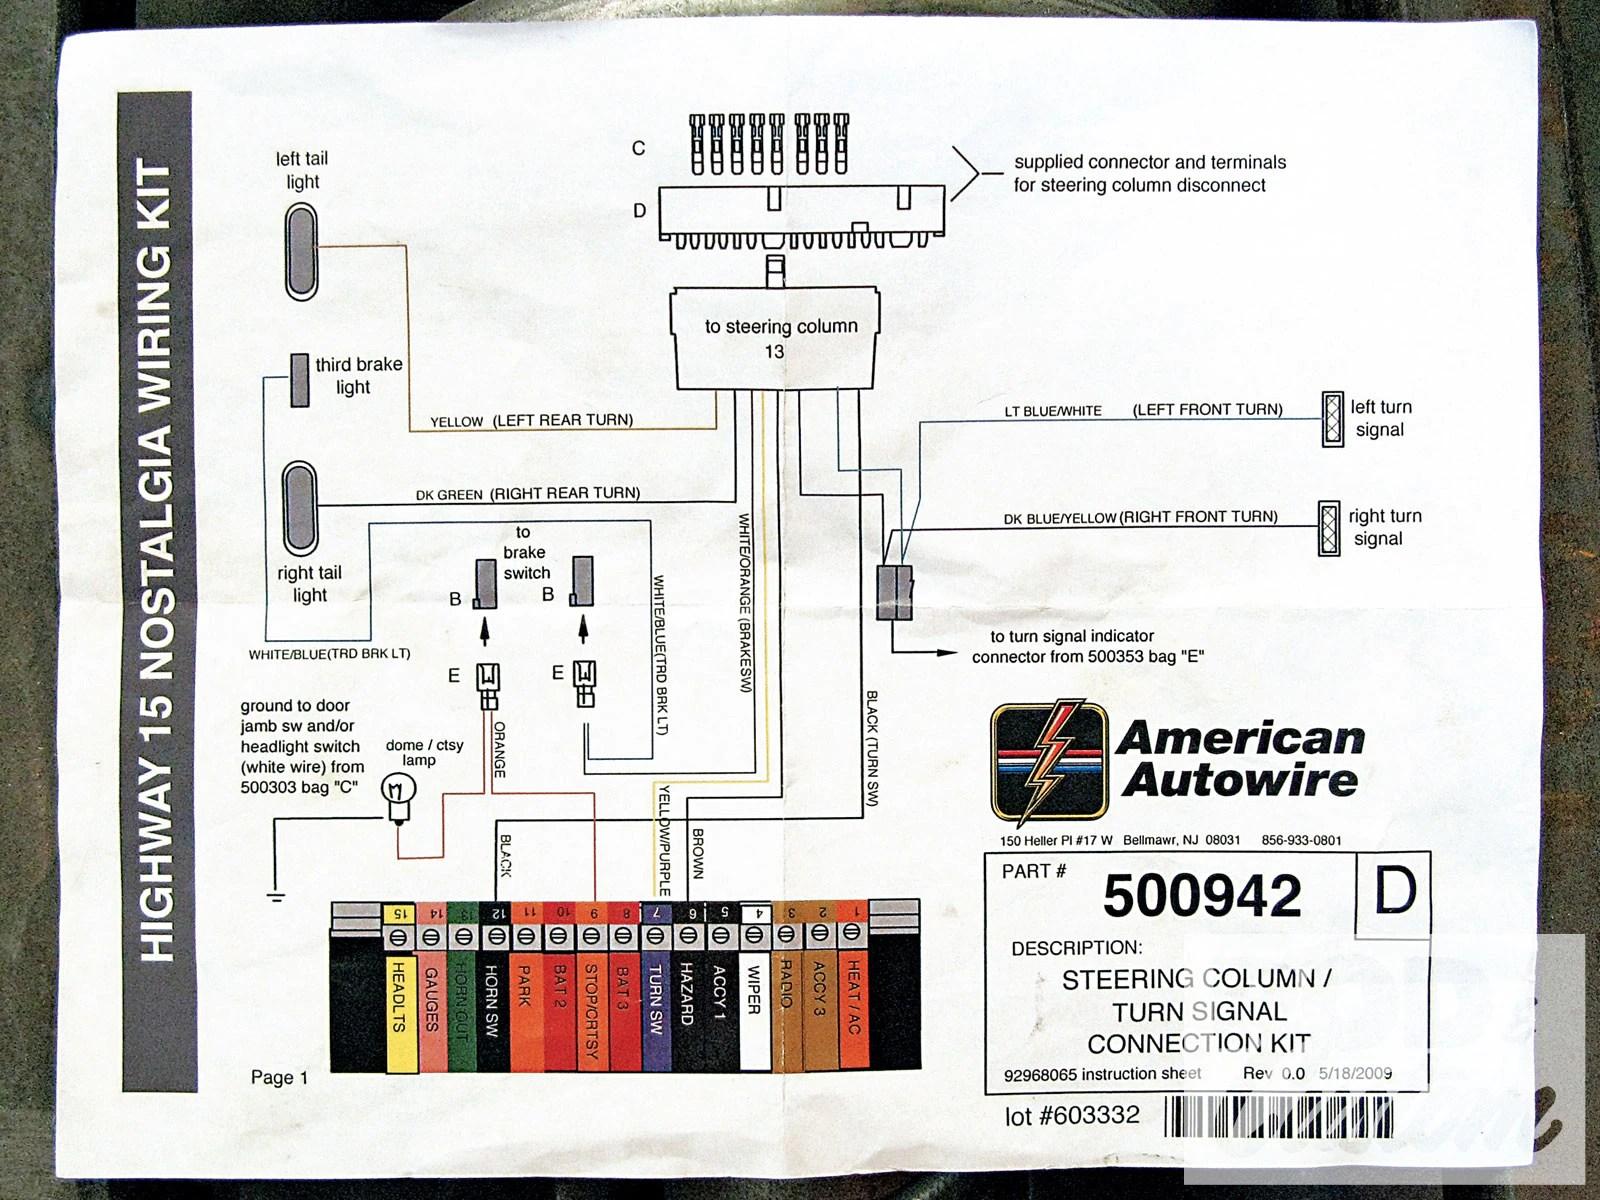 84 chevy steering column wiring diagram wiring diagram1985 chevy steering column diagram mopar steering column wiring